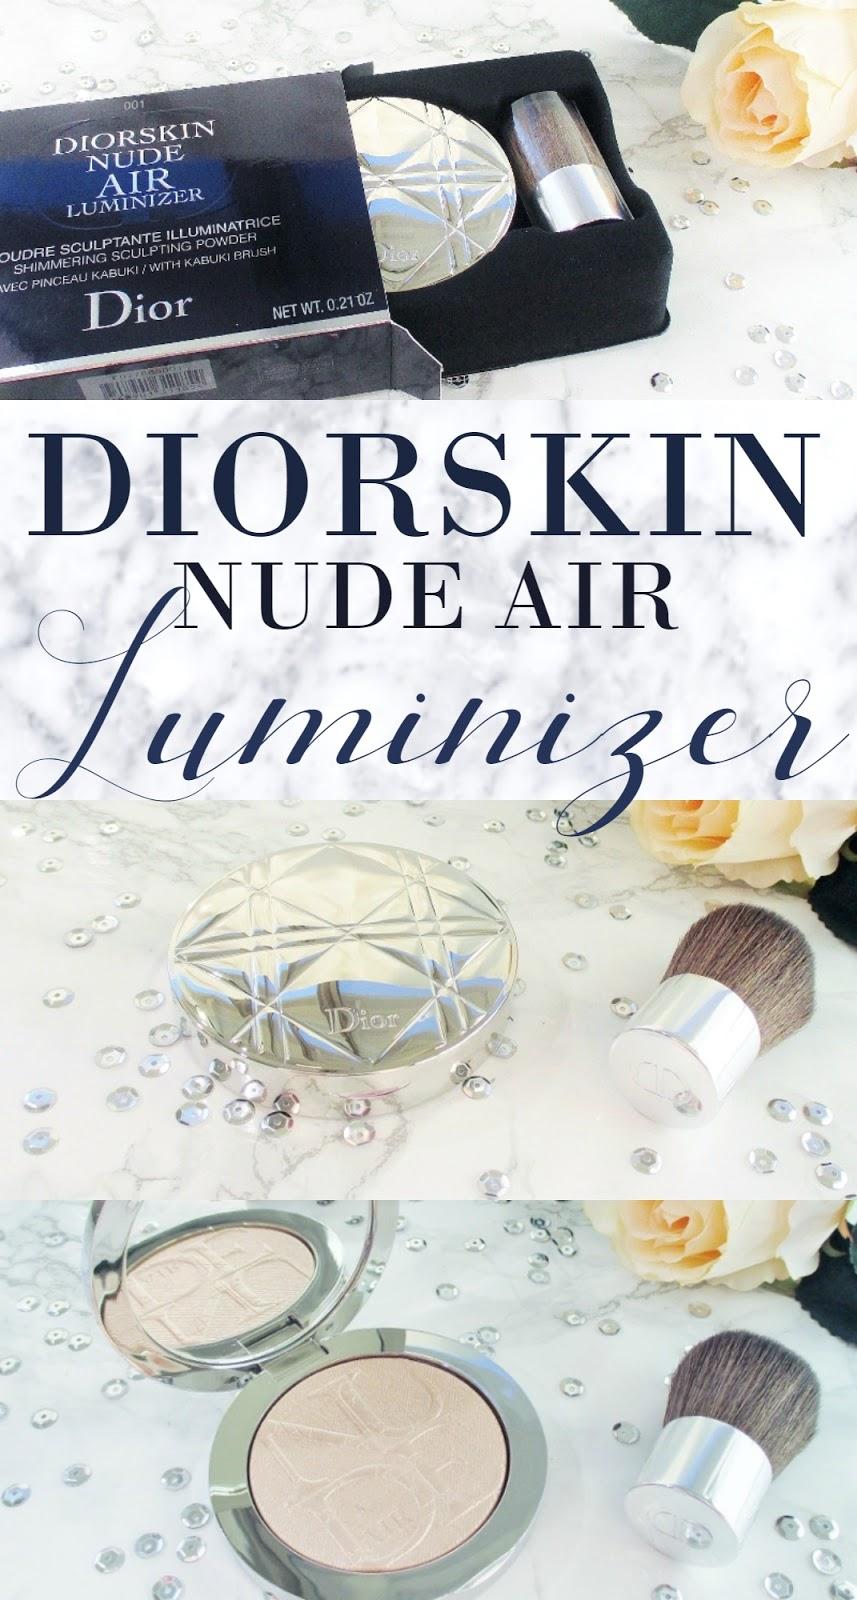 diorskin-nude-air-luminizer-powder-review